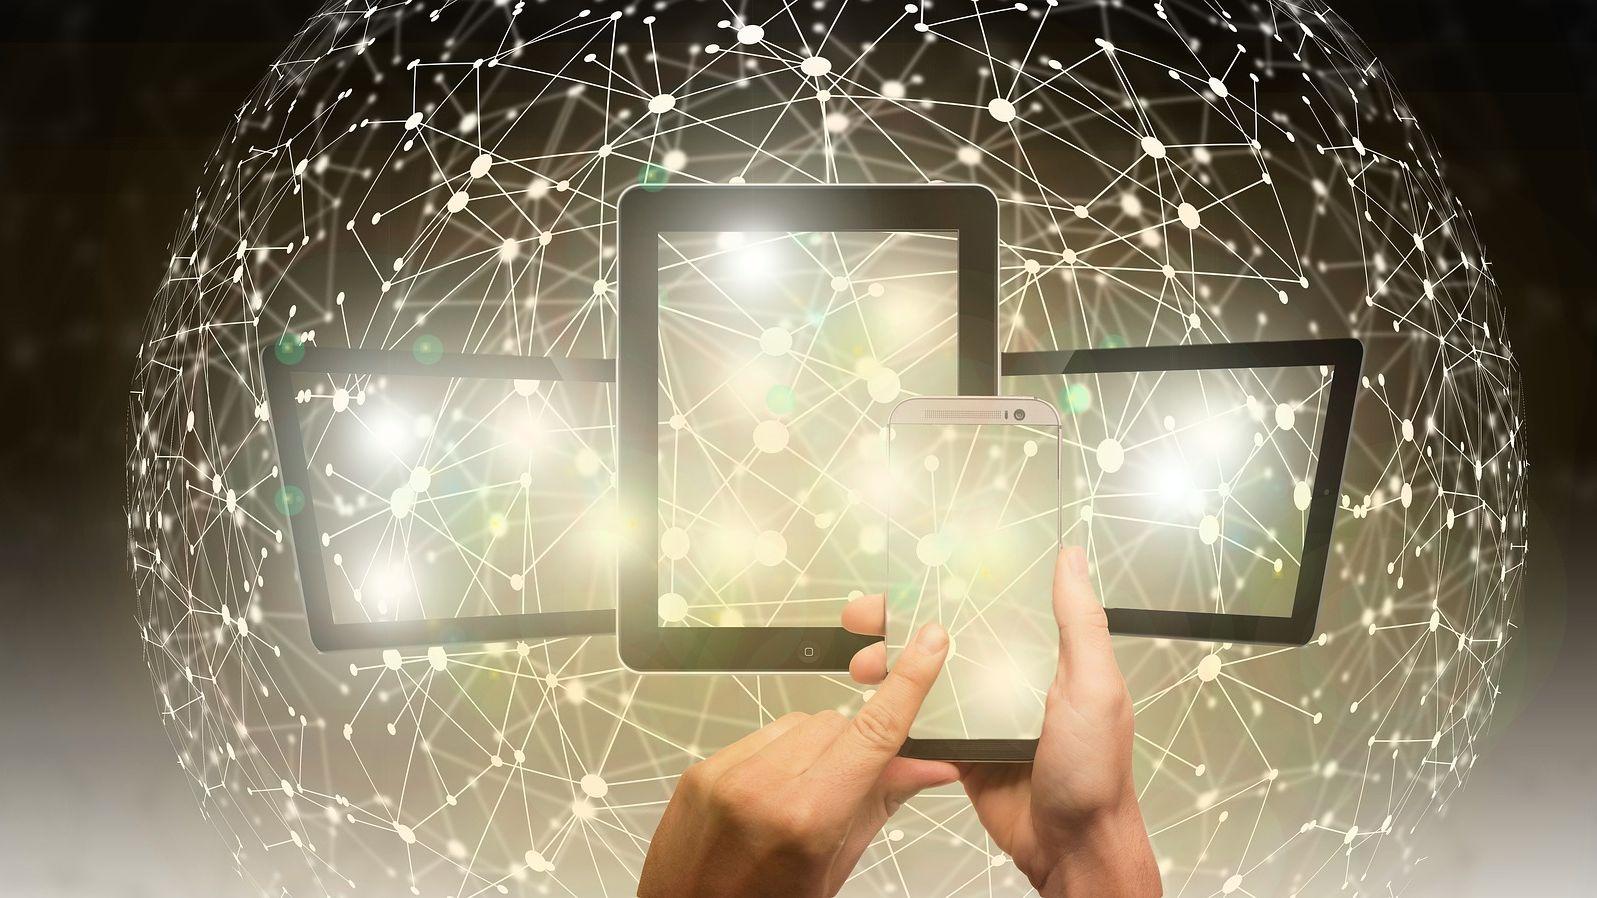 Gartner-Analyse: Das sind die Top-Technologie-Trends für 2020